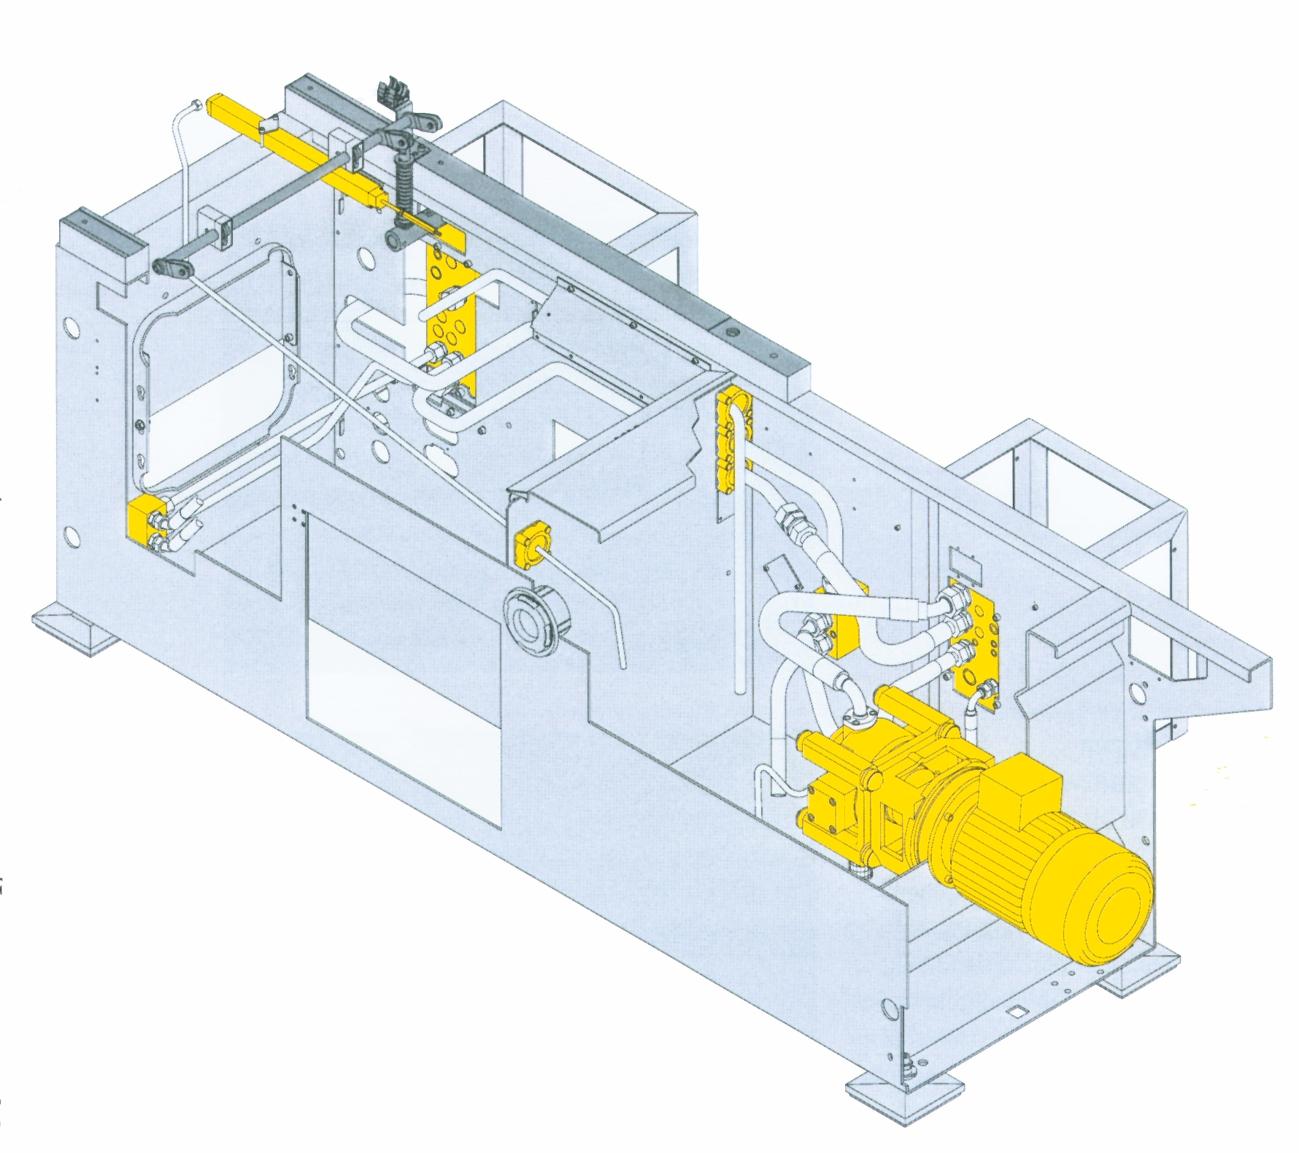 Maskinstativ til en sprøjtestøbemaskine